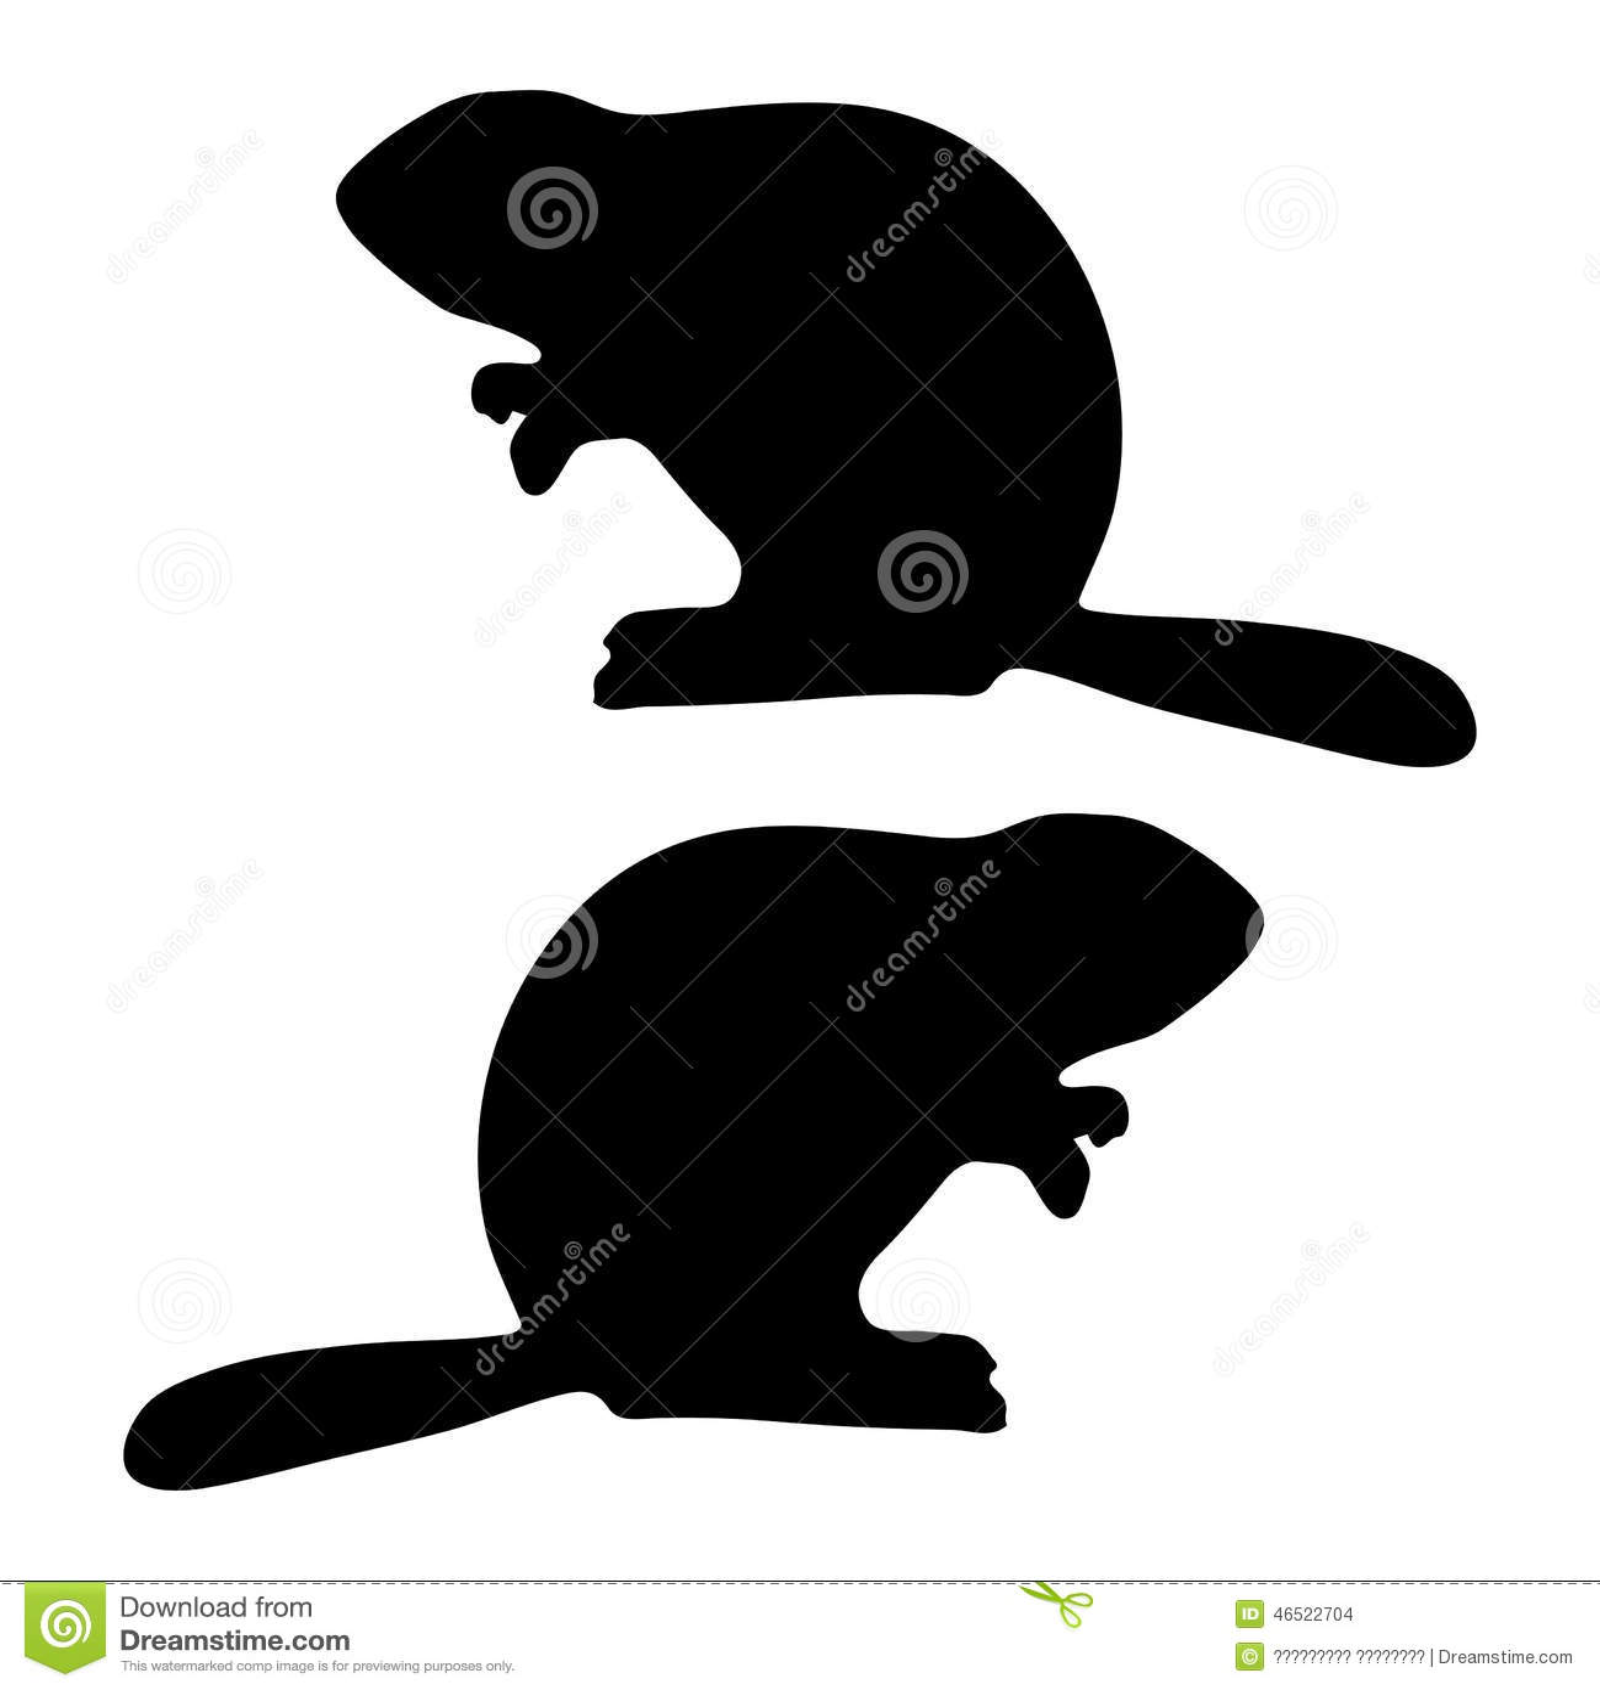 Beaver vector on white background, template for design.